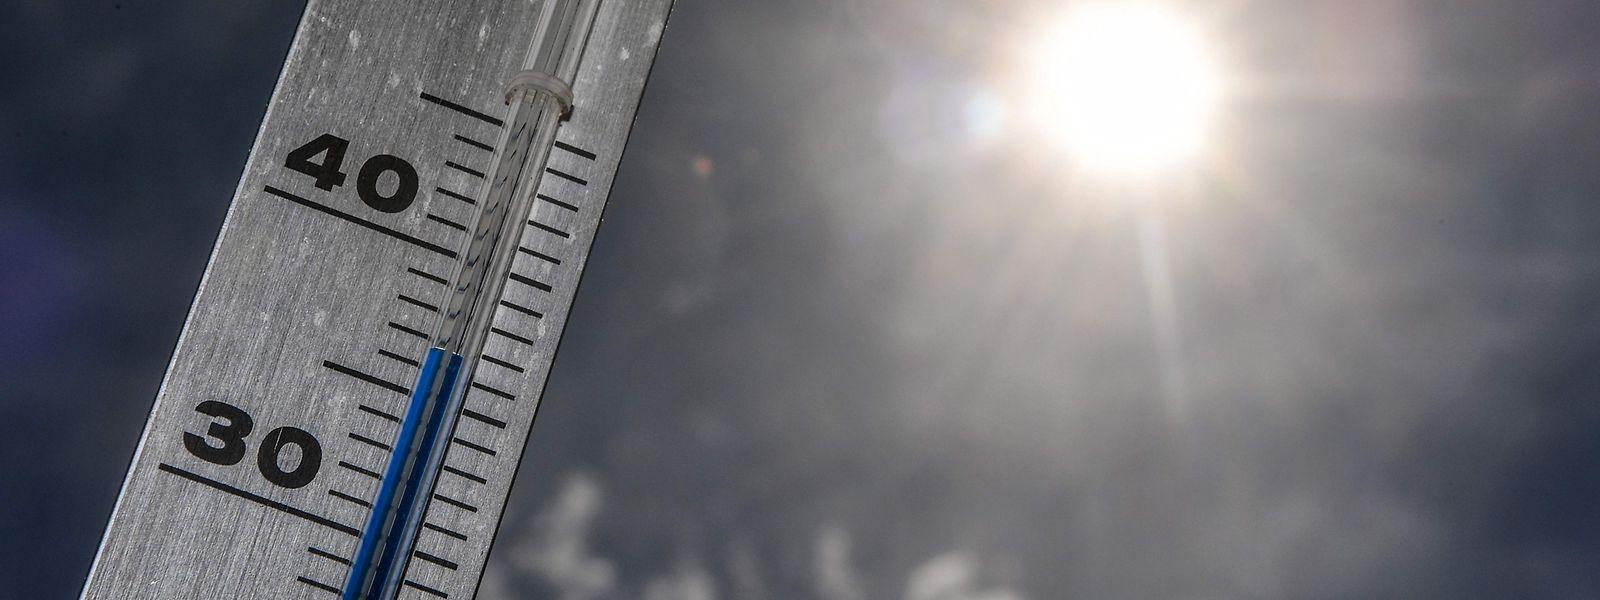 Mit bis zu 37 Grad soll der Mittwoch der heißeste Tag der Woche werden.